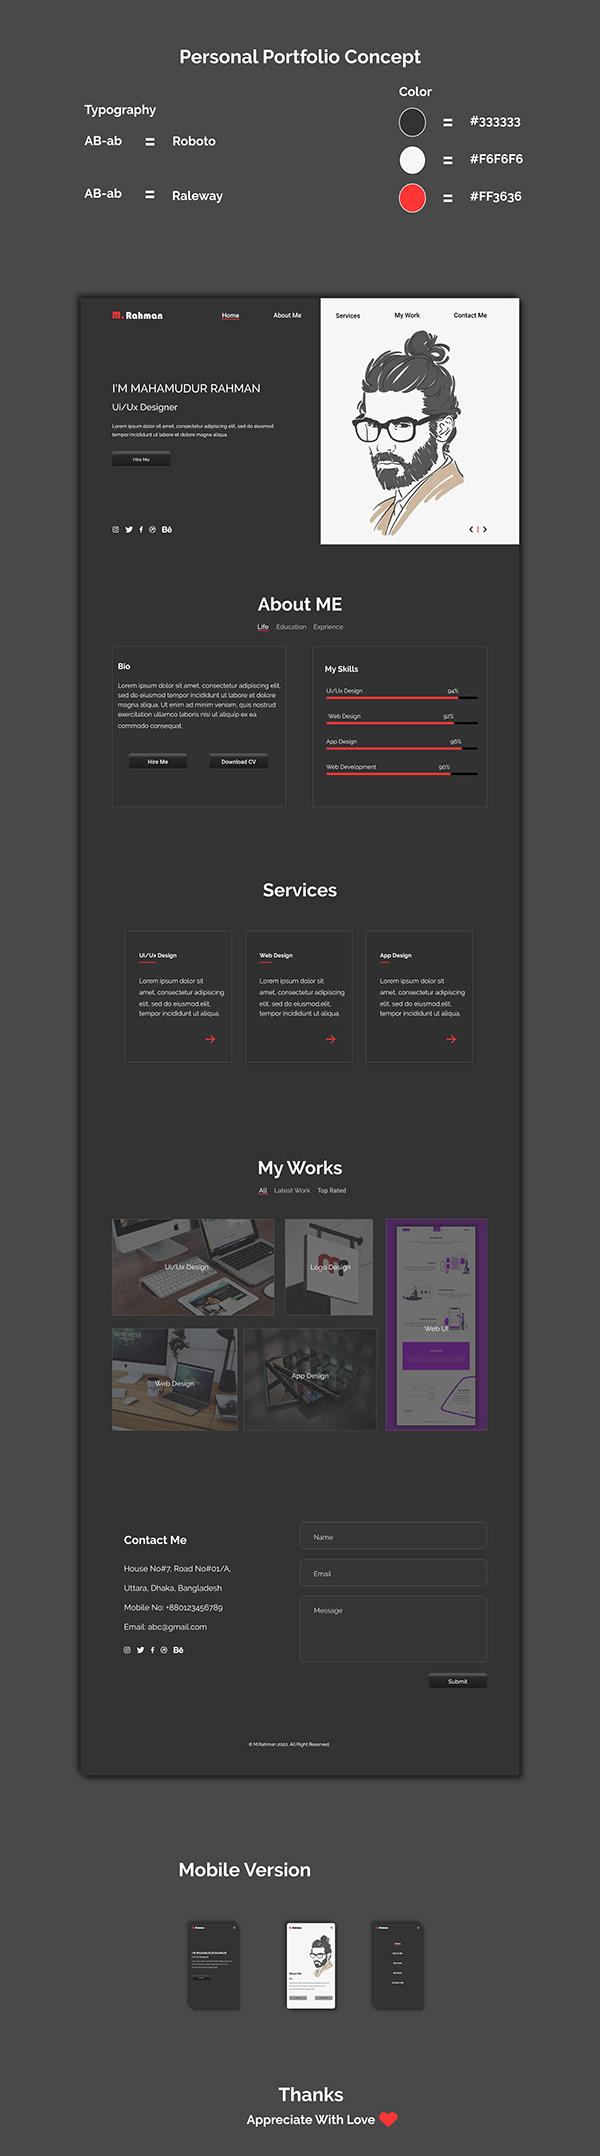 Personal Portfolio - UI Design Concept